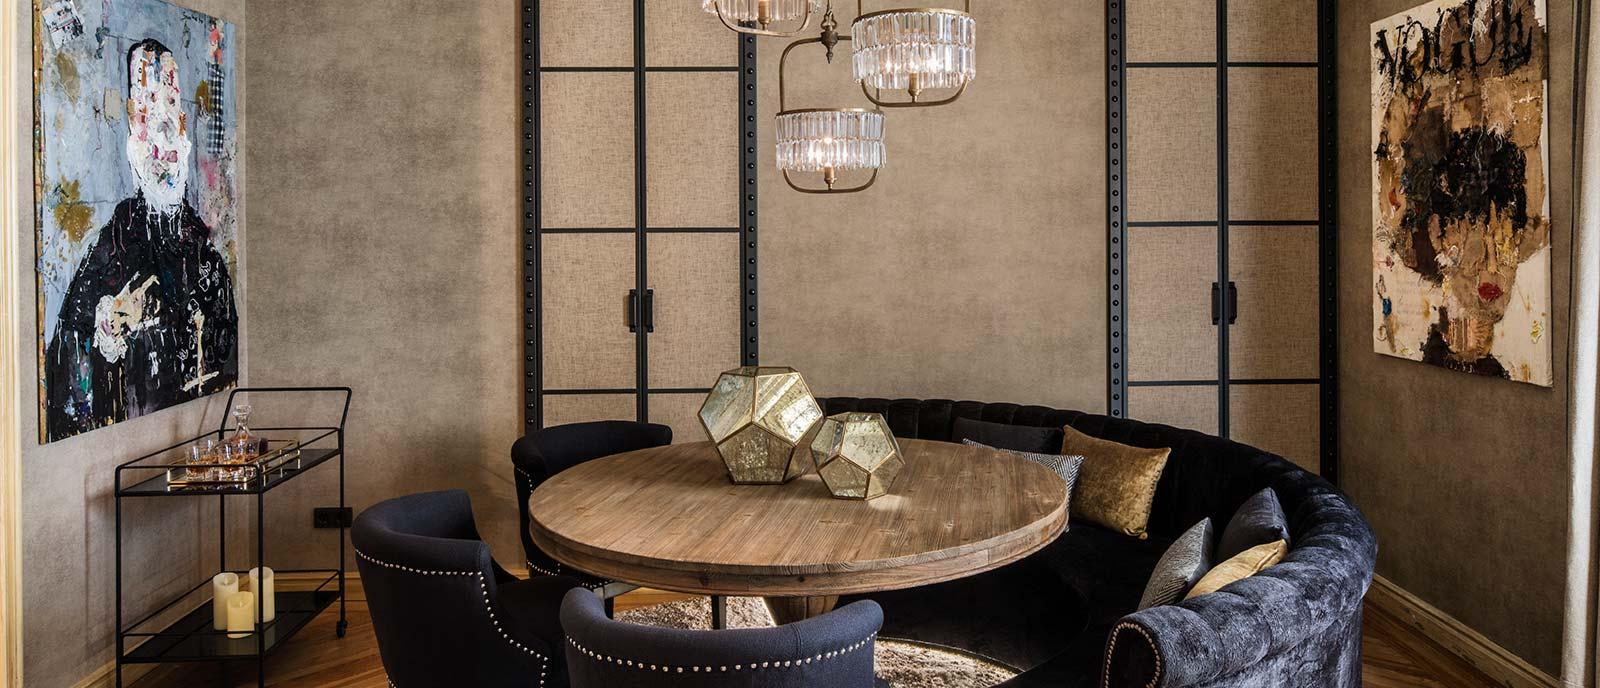 Club – «Private Member's Club» – Espacio Knowhaus Architecture & Interiors Studio